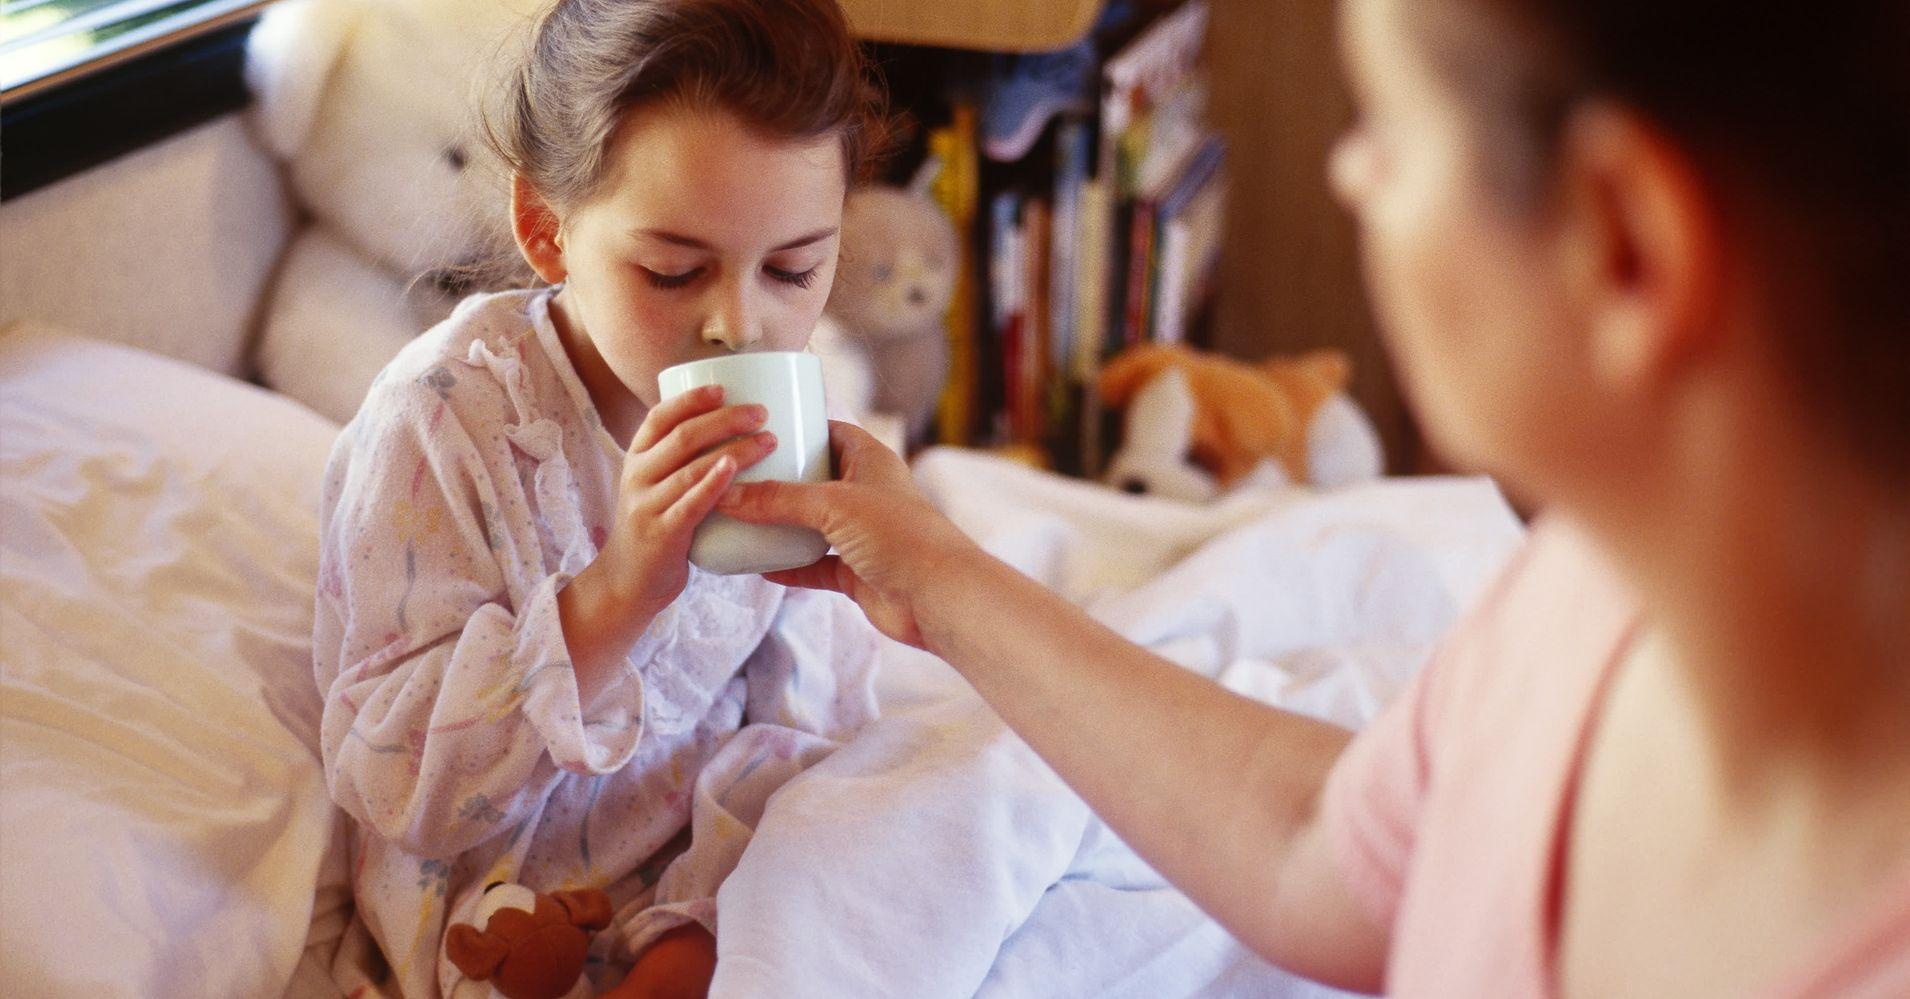 Остановить кашель быстро в домашних условиях у ребенка